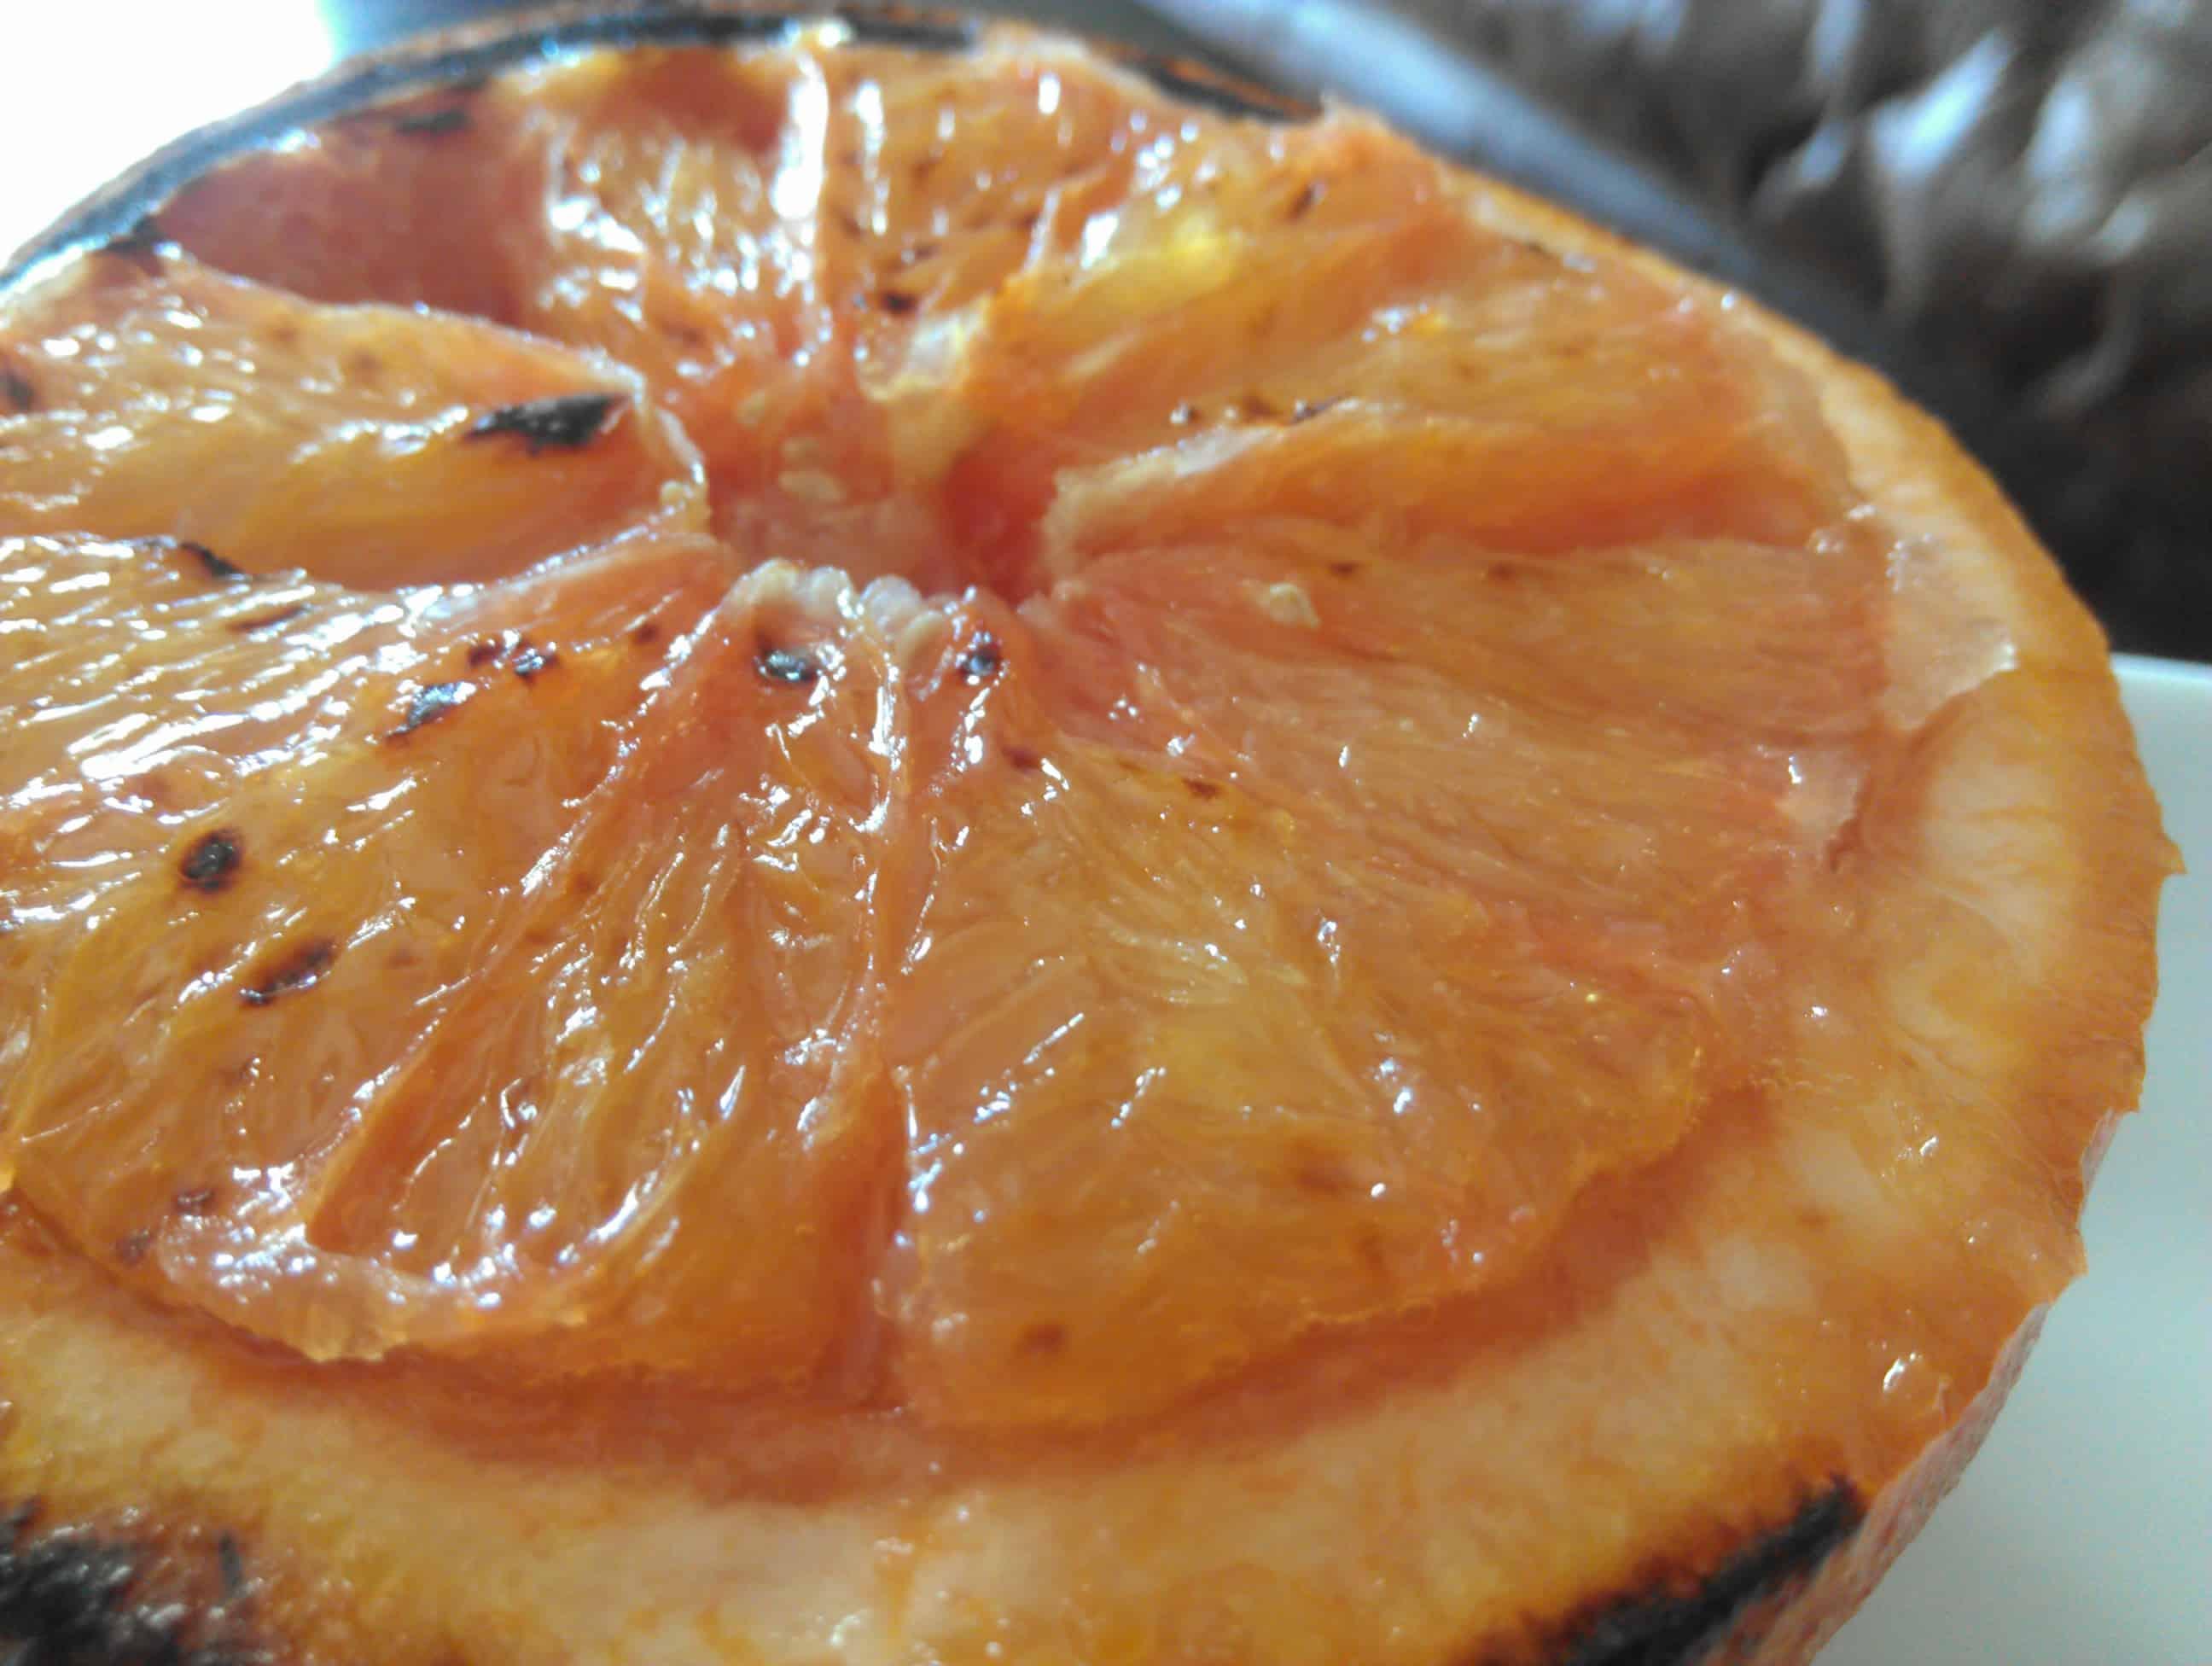 broiled grapefruit half